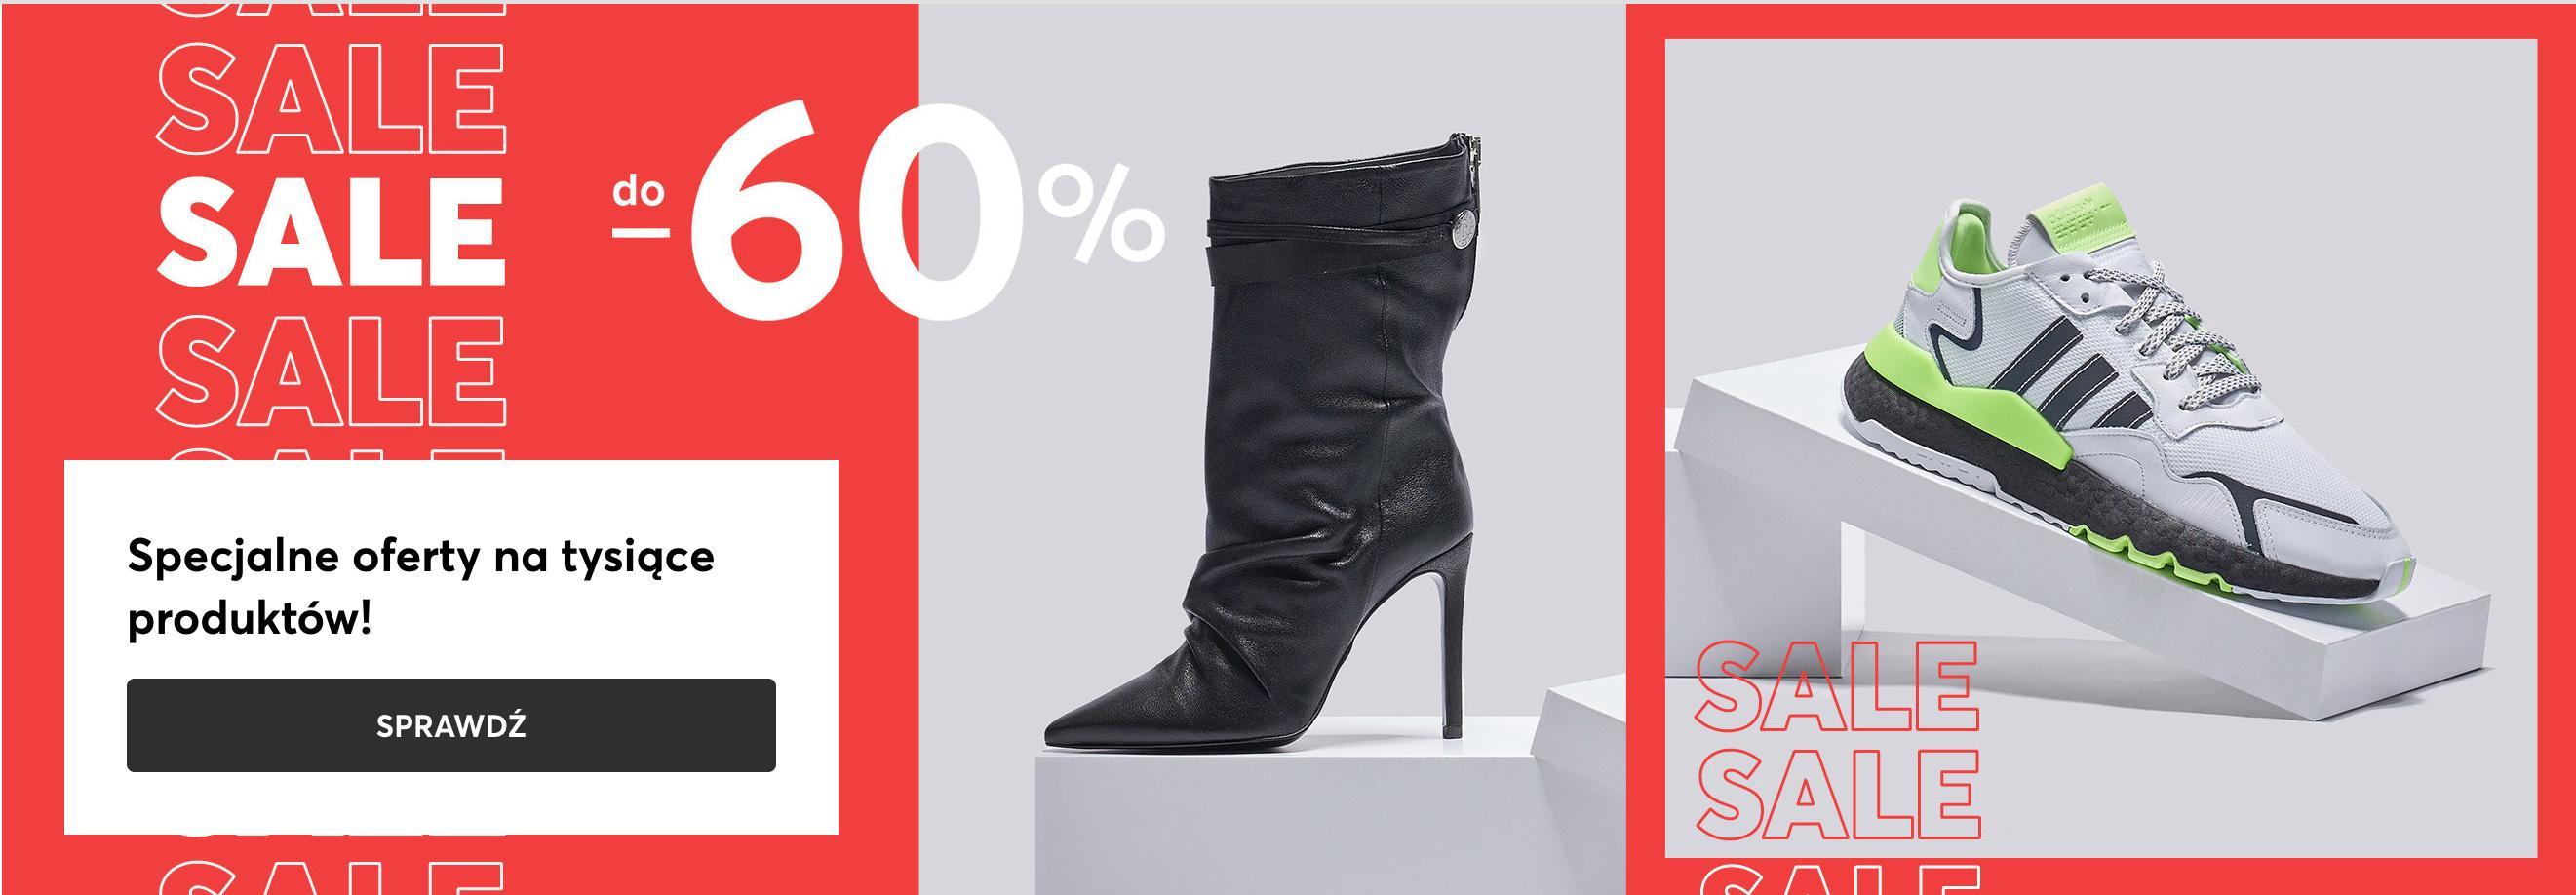 Eobuwie: wyprzedaż do 60% rabatu na obuwie damskie, męskie i dziecięce, torby oraz akcesoria